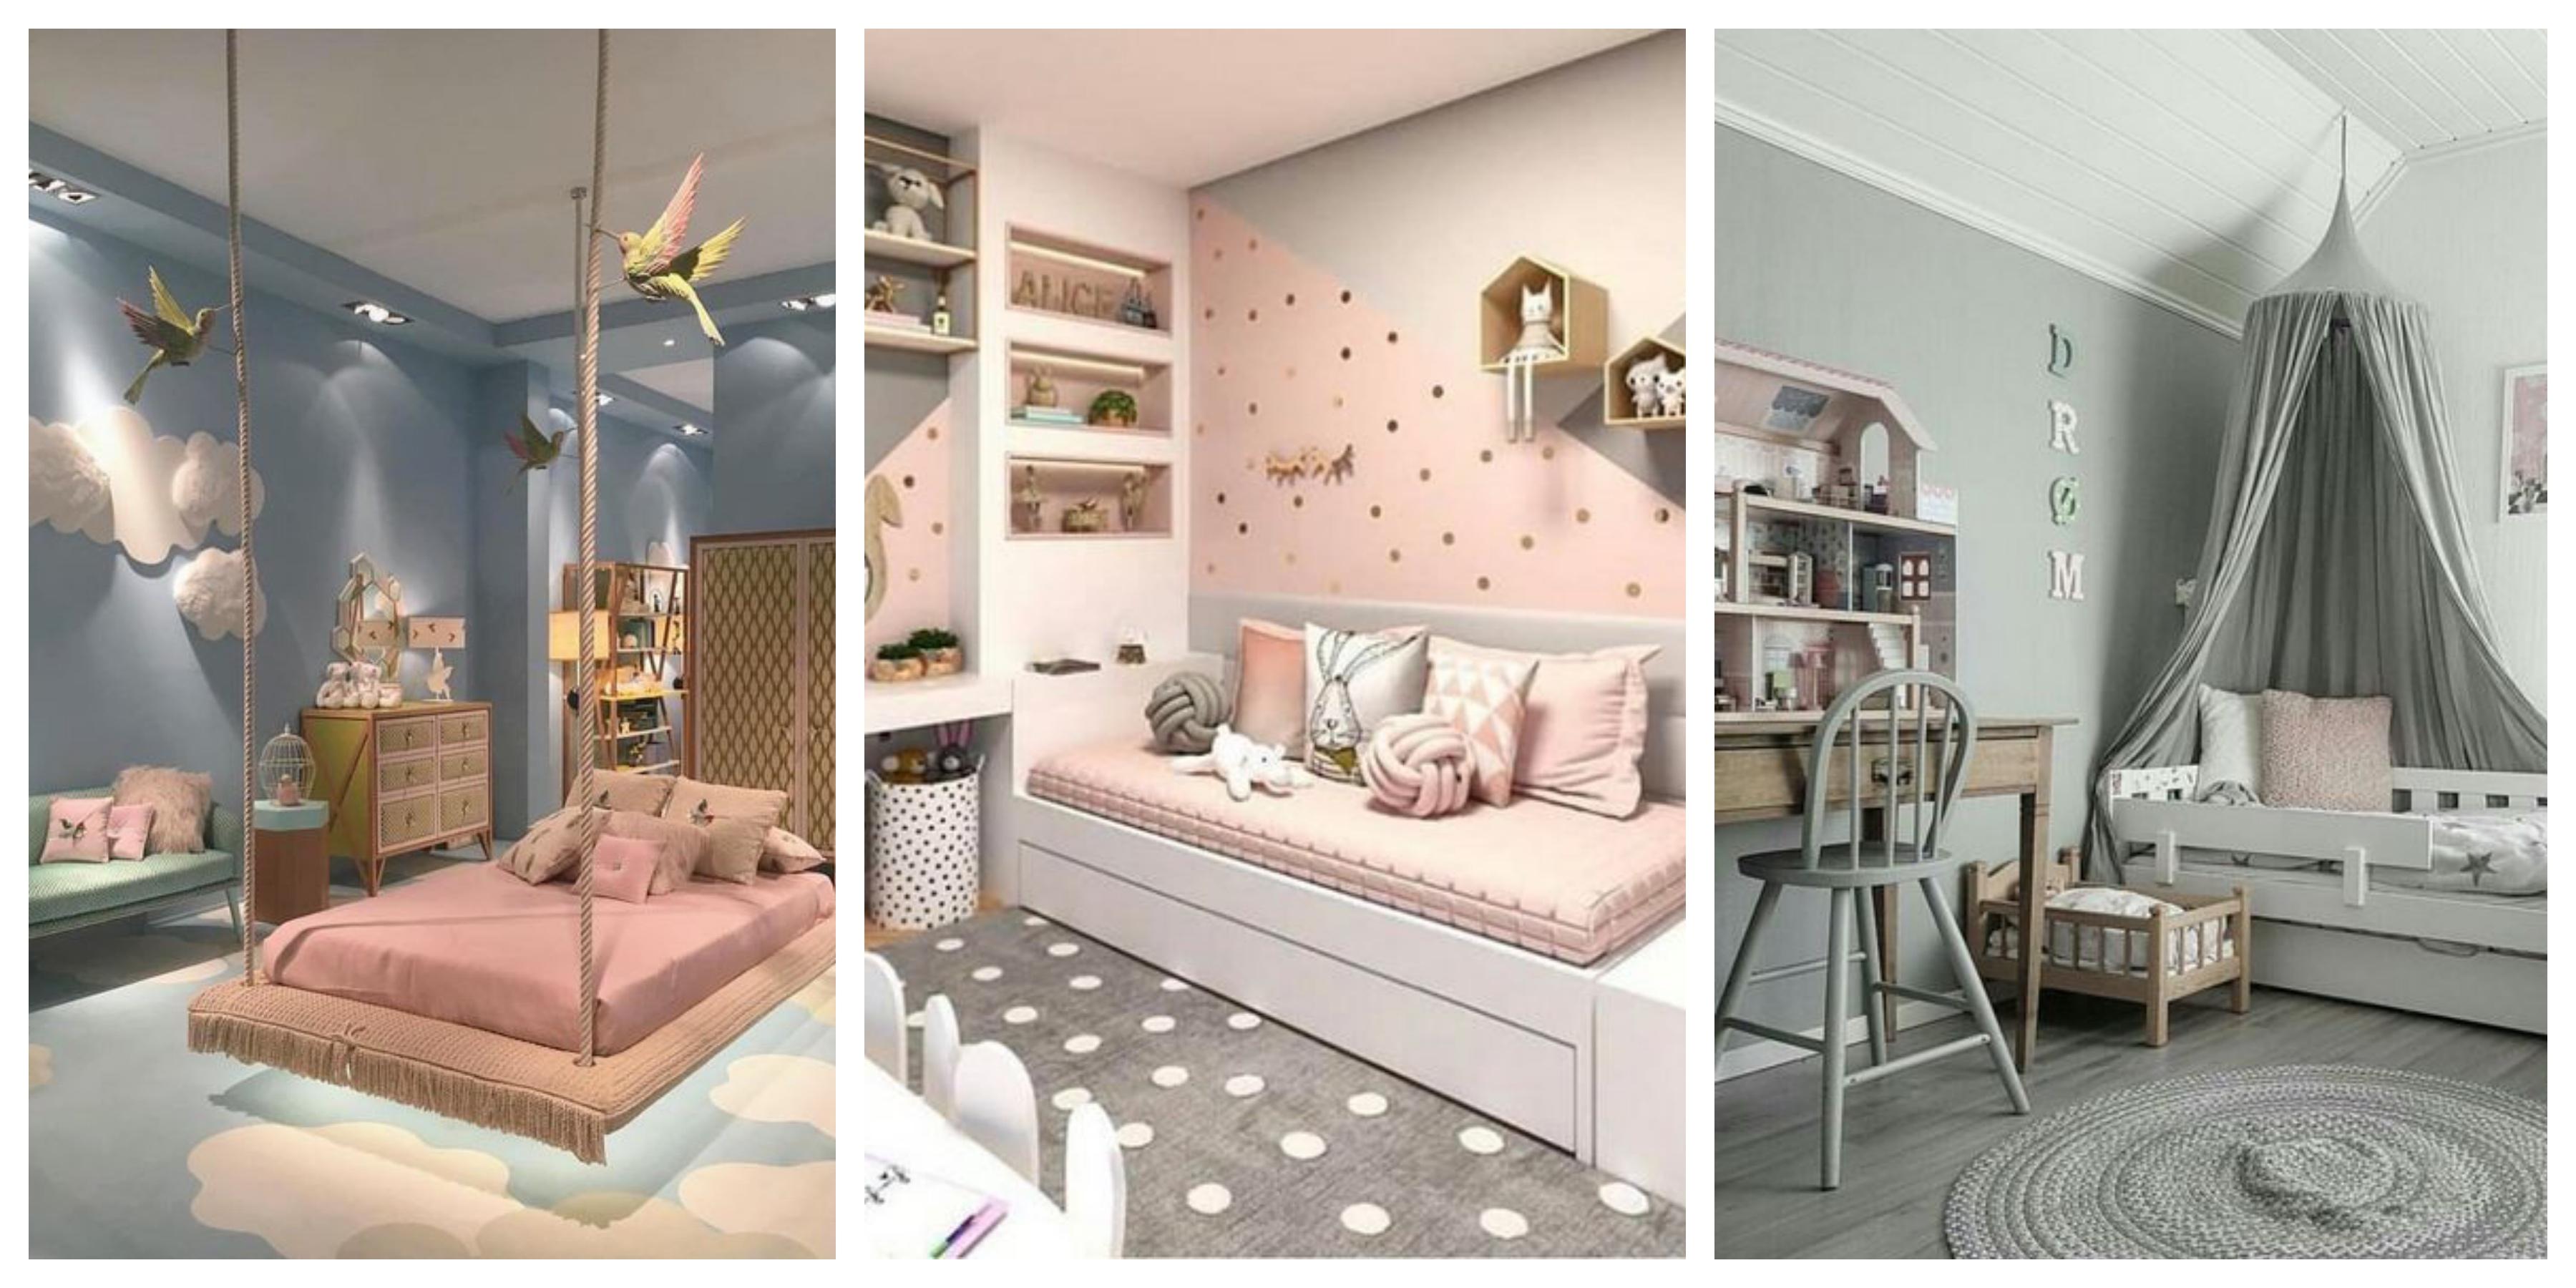 Dětský pokojík pro holku inspirace, fotogalerie